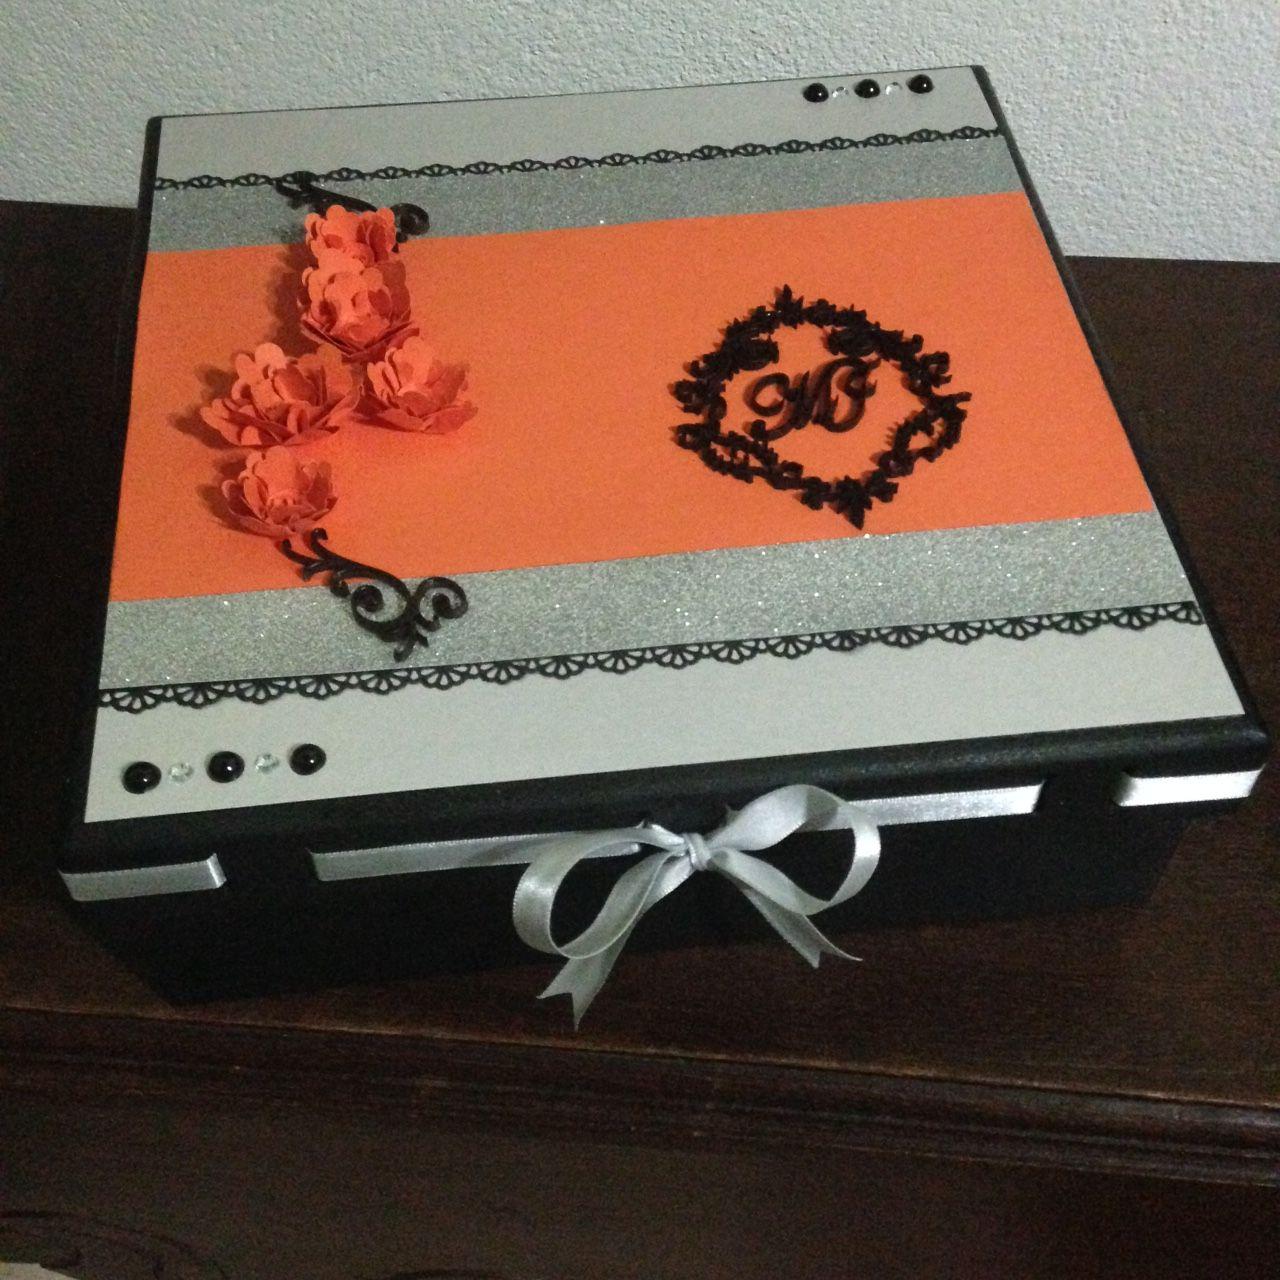 Caixa em mdf para livro de assinaturas com papel scrapbooking e apliques de madeira.Flores feitas com papel de scrapbooking.